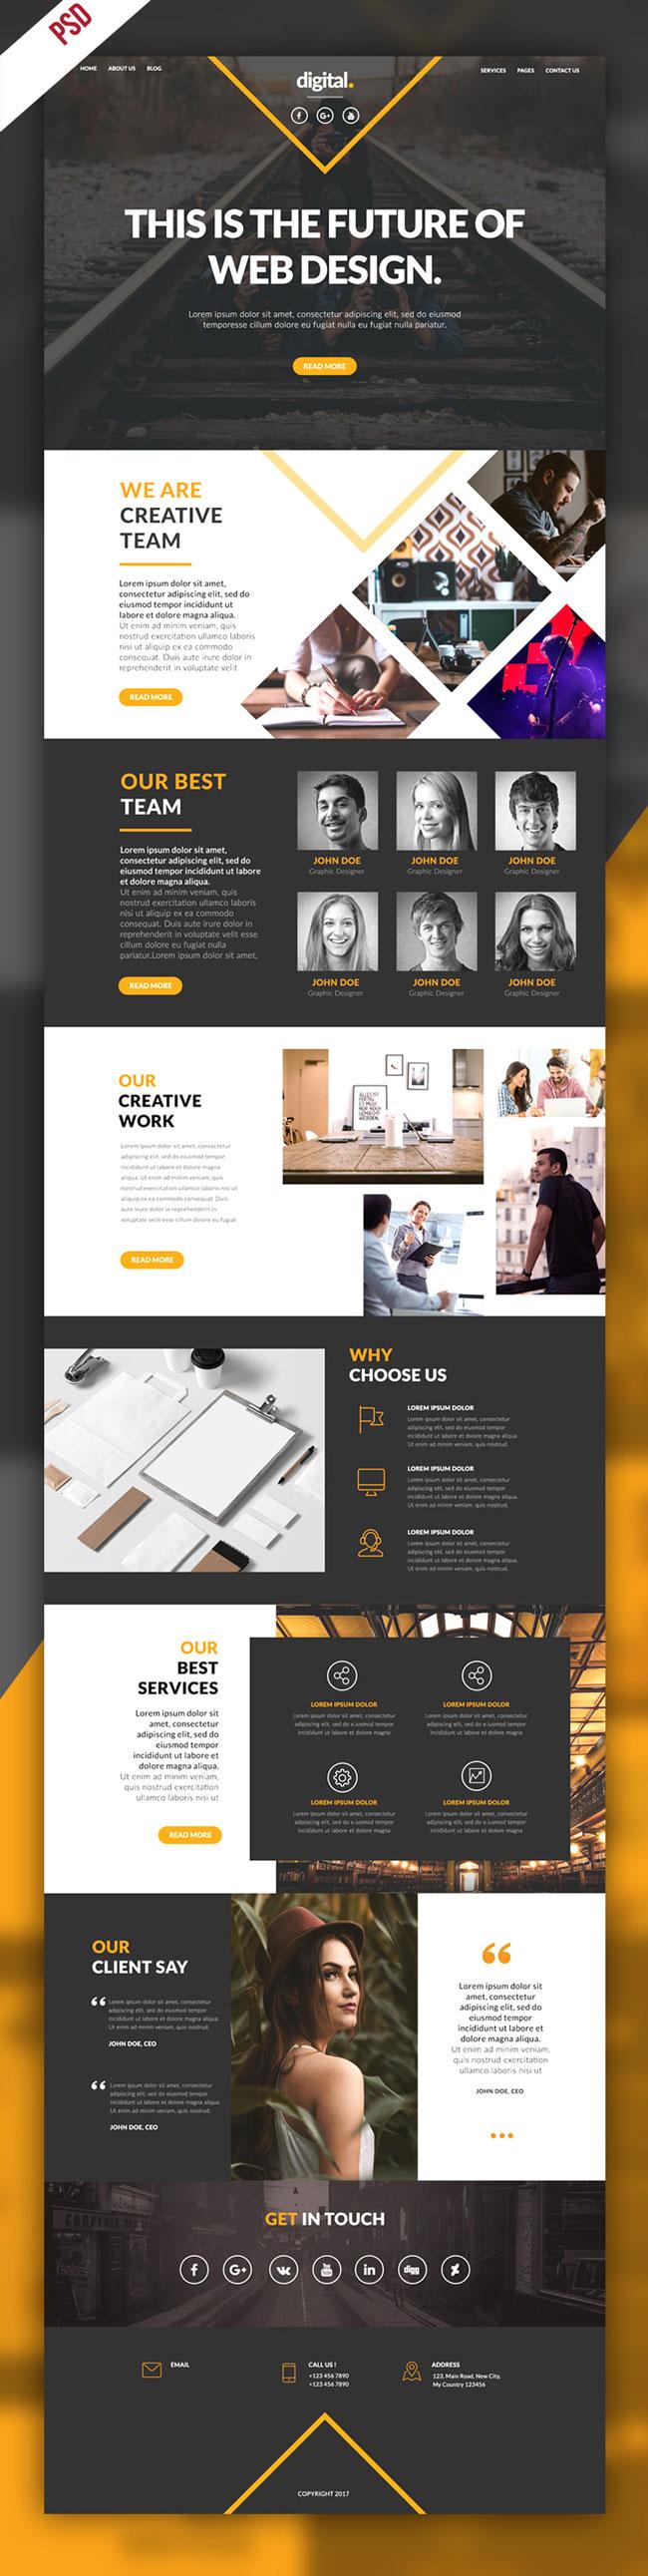 p390 - قالب لایه باز وب سایت تک صفحه ای شرکتی بسیار زیبا